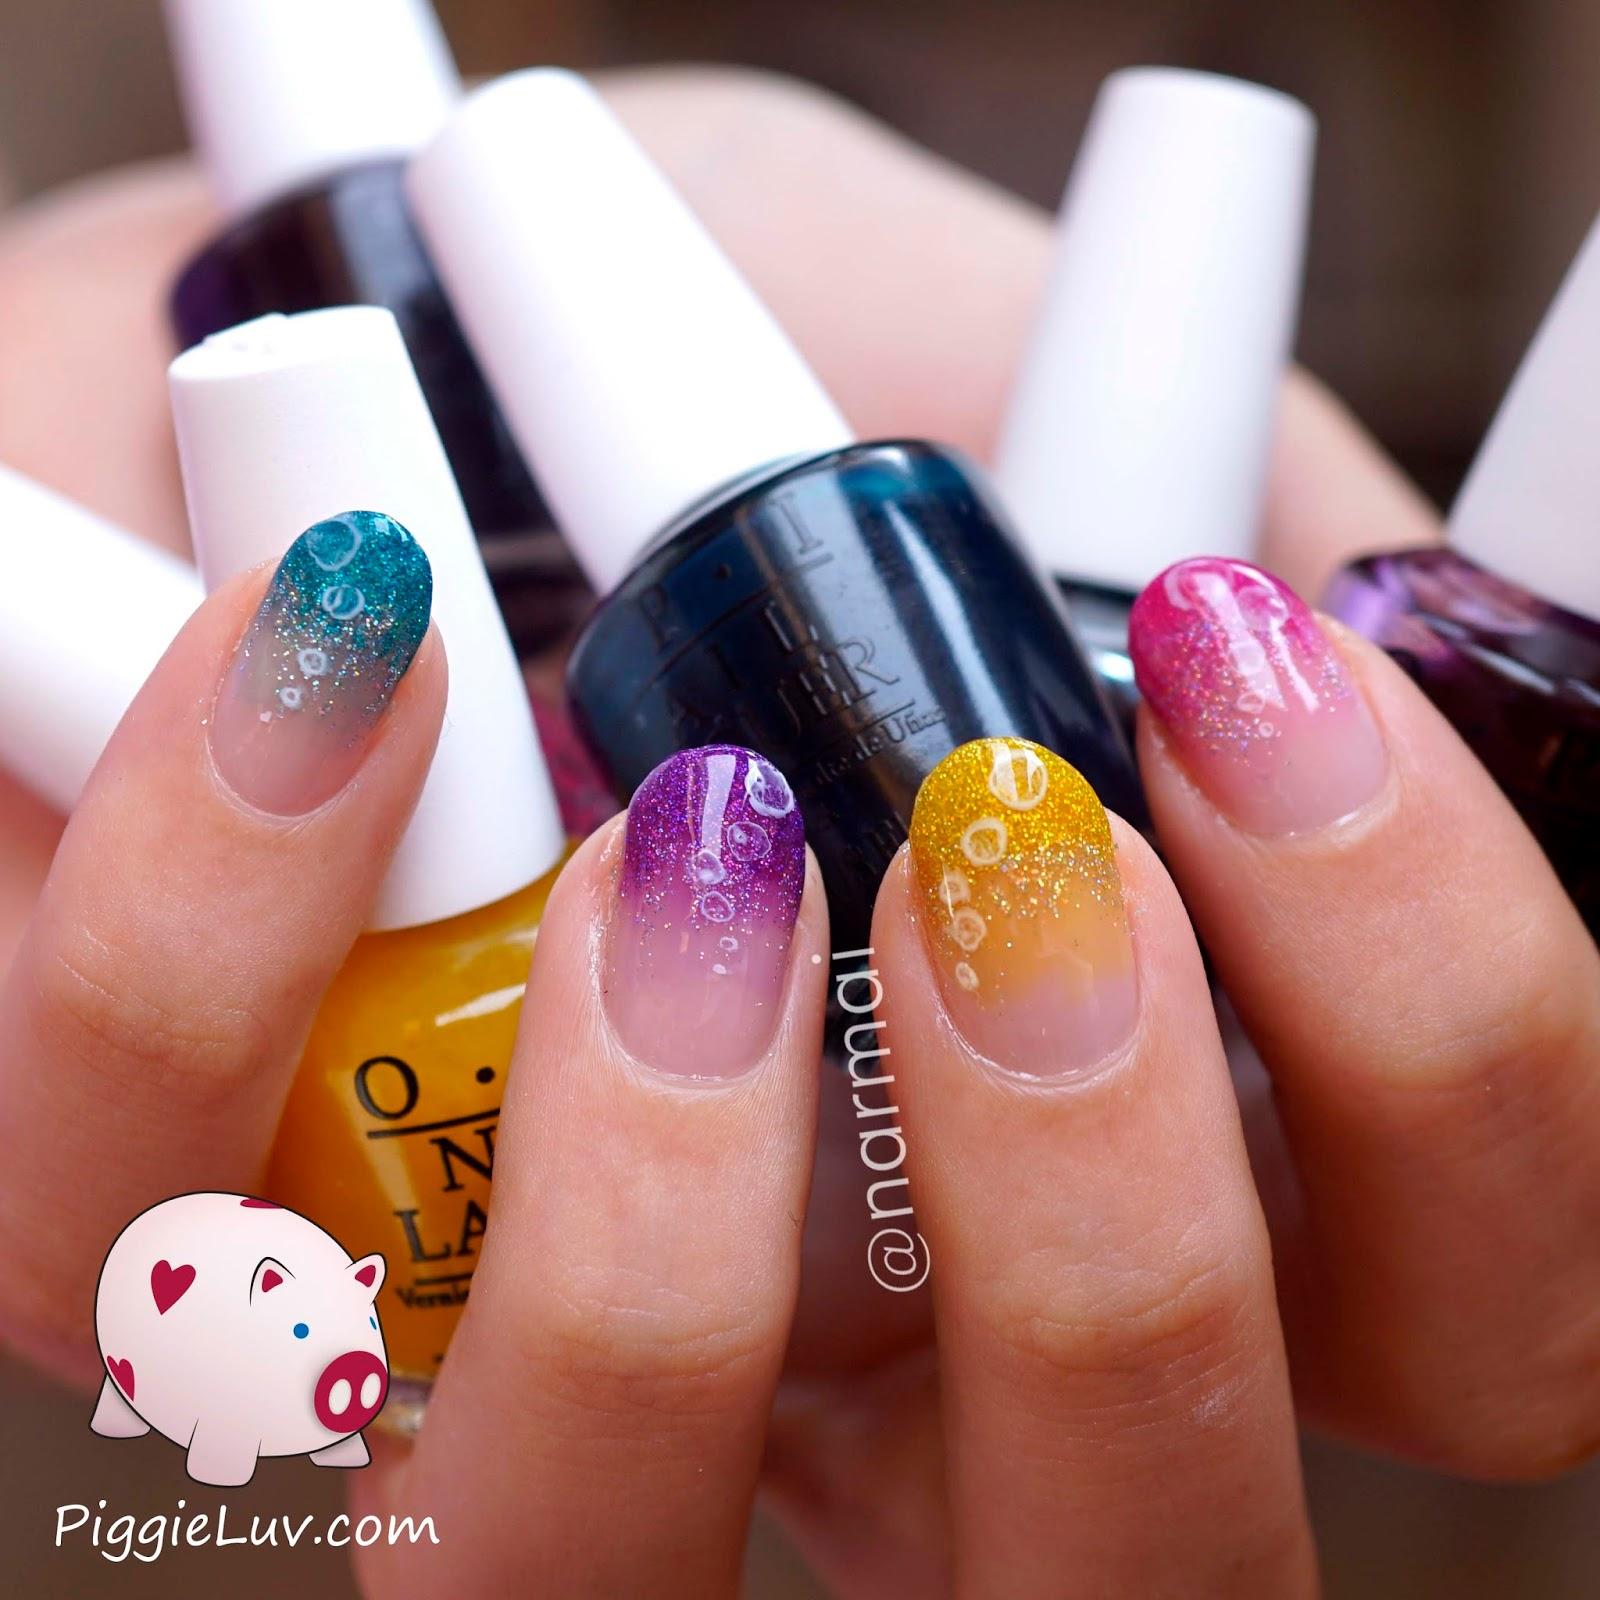 Piggieluv Rainbow Bubbles Nail Art: PiggieLuv: Glitter Bubbles Nail Art With OPI Color Paints